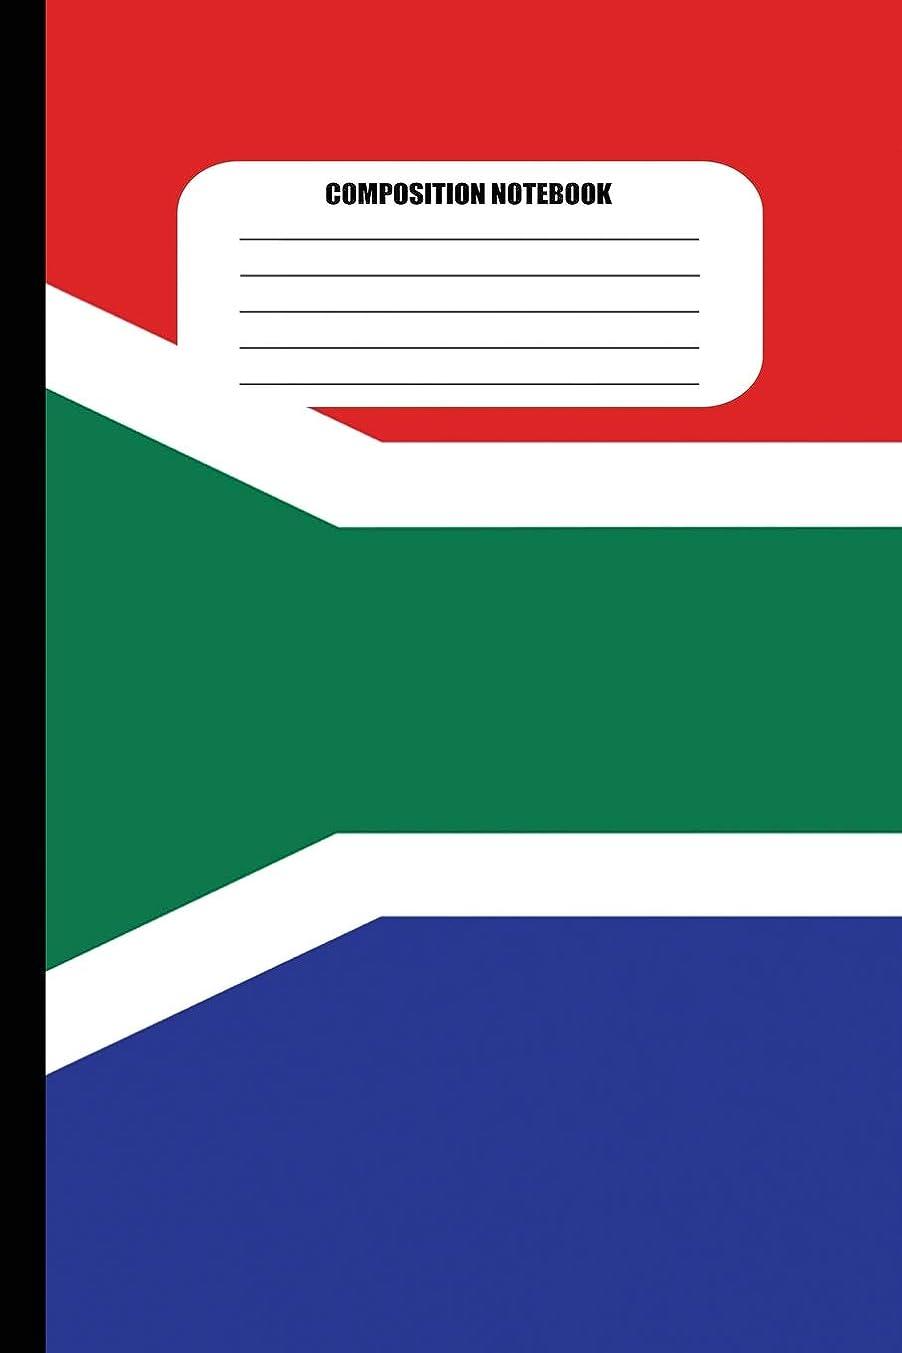 スーツケース私のケニアComposition Notebook: Flag of South Africa (100 Pages, College Ruled) (Flags of the World)